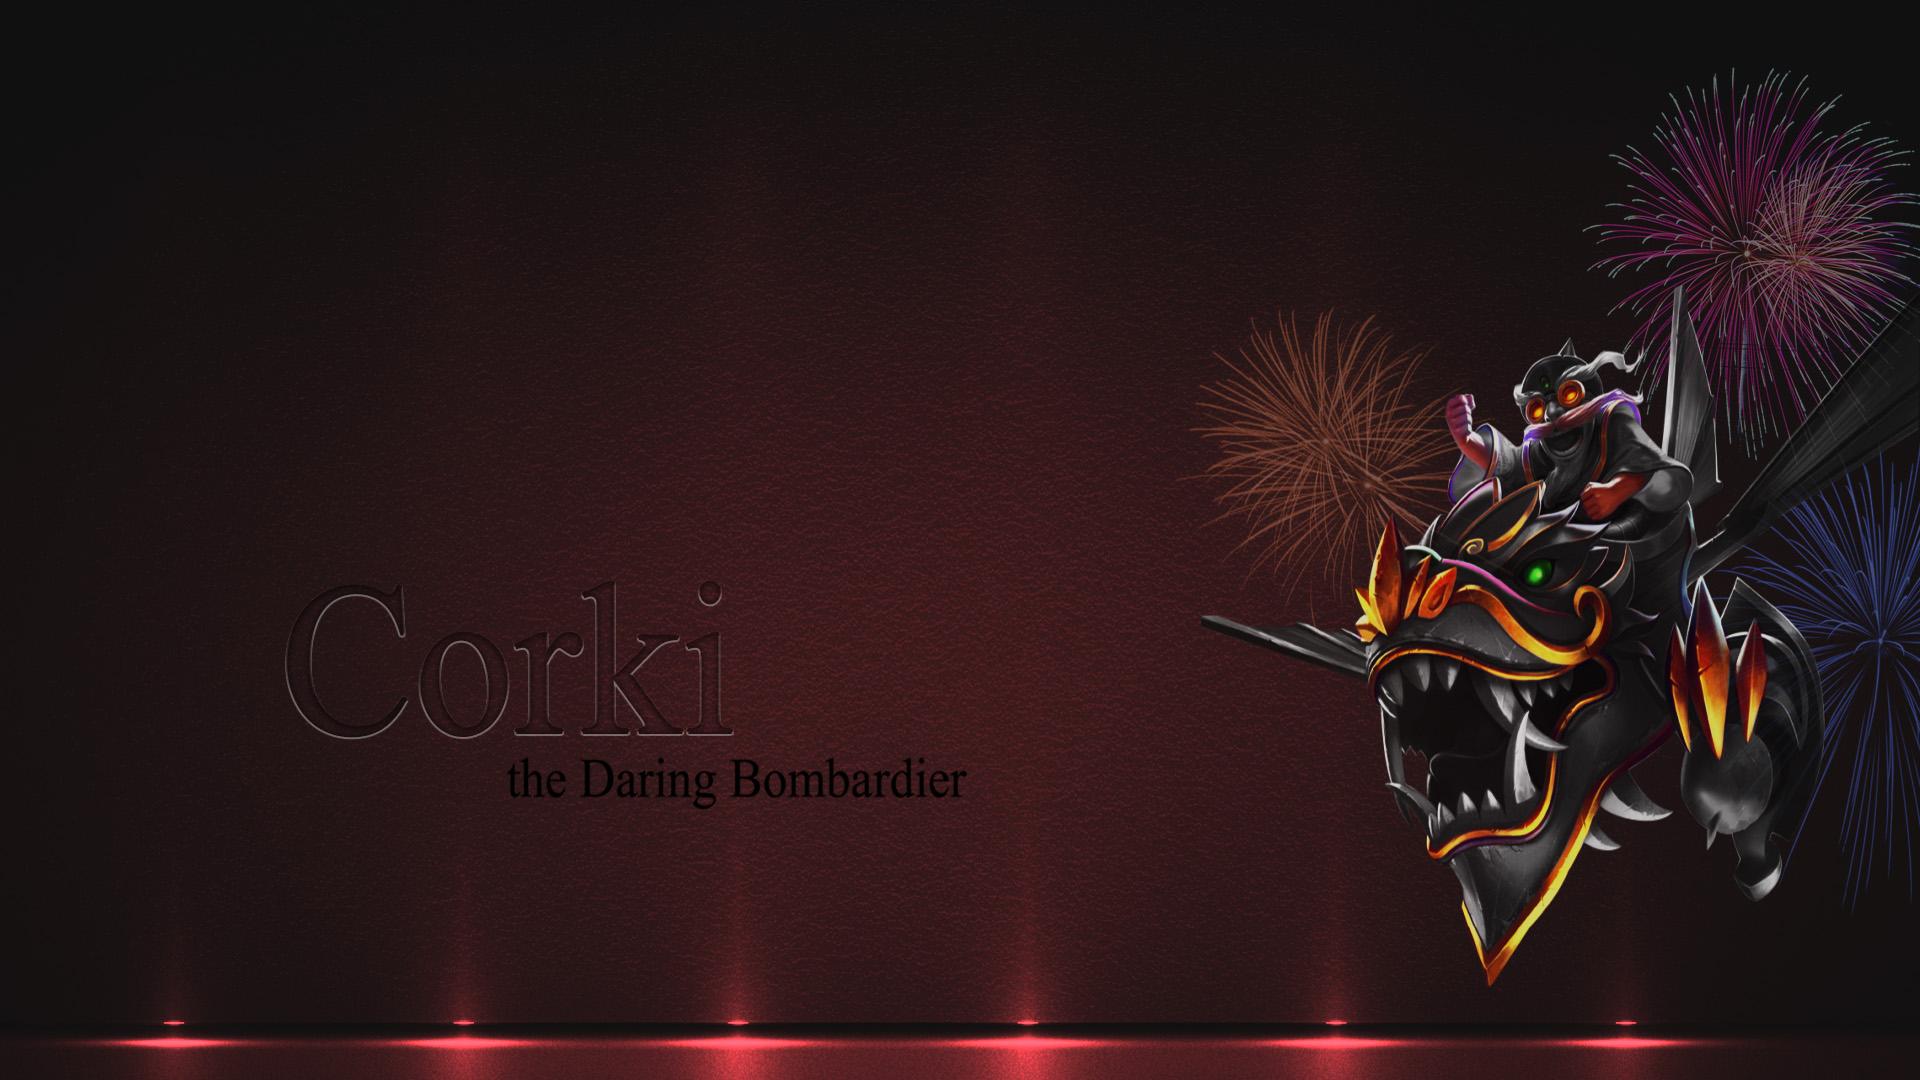 Dragonwing Corki wallpaper